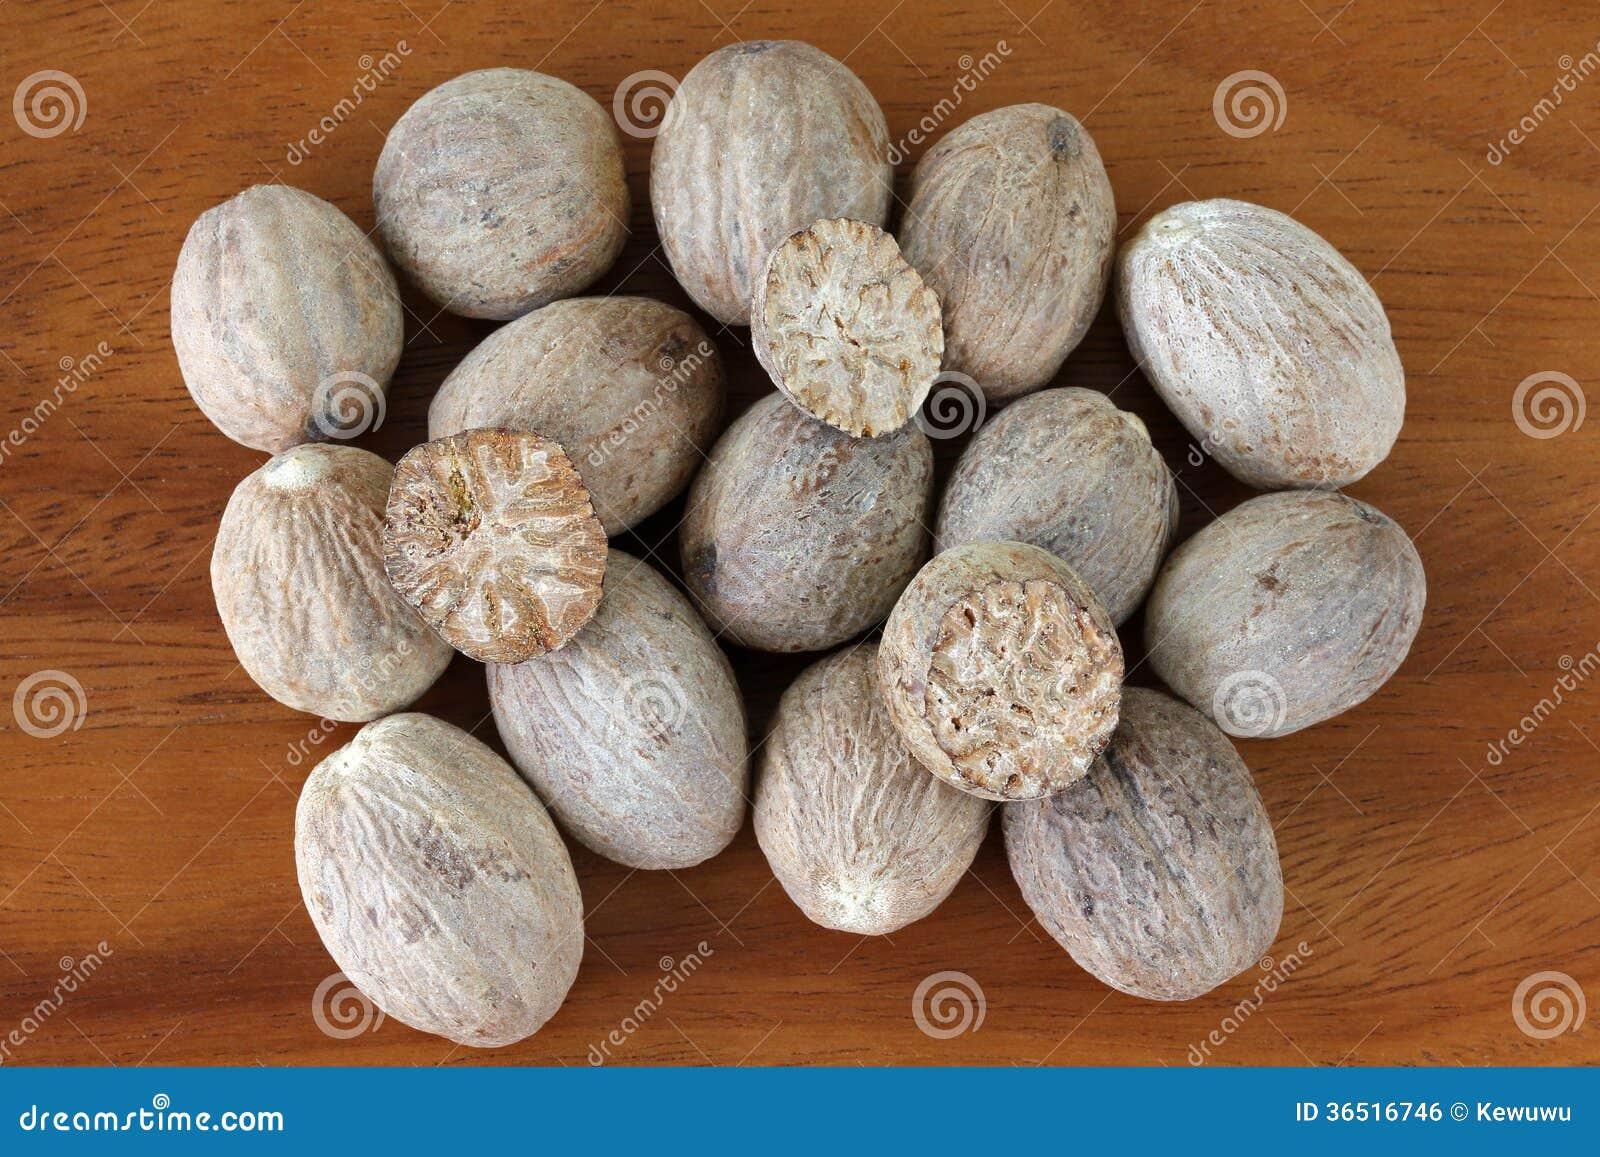 Graines de noix de muscade coupées dans la moitié